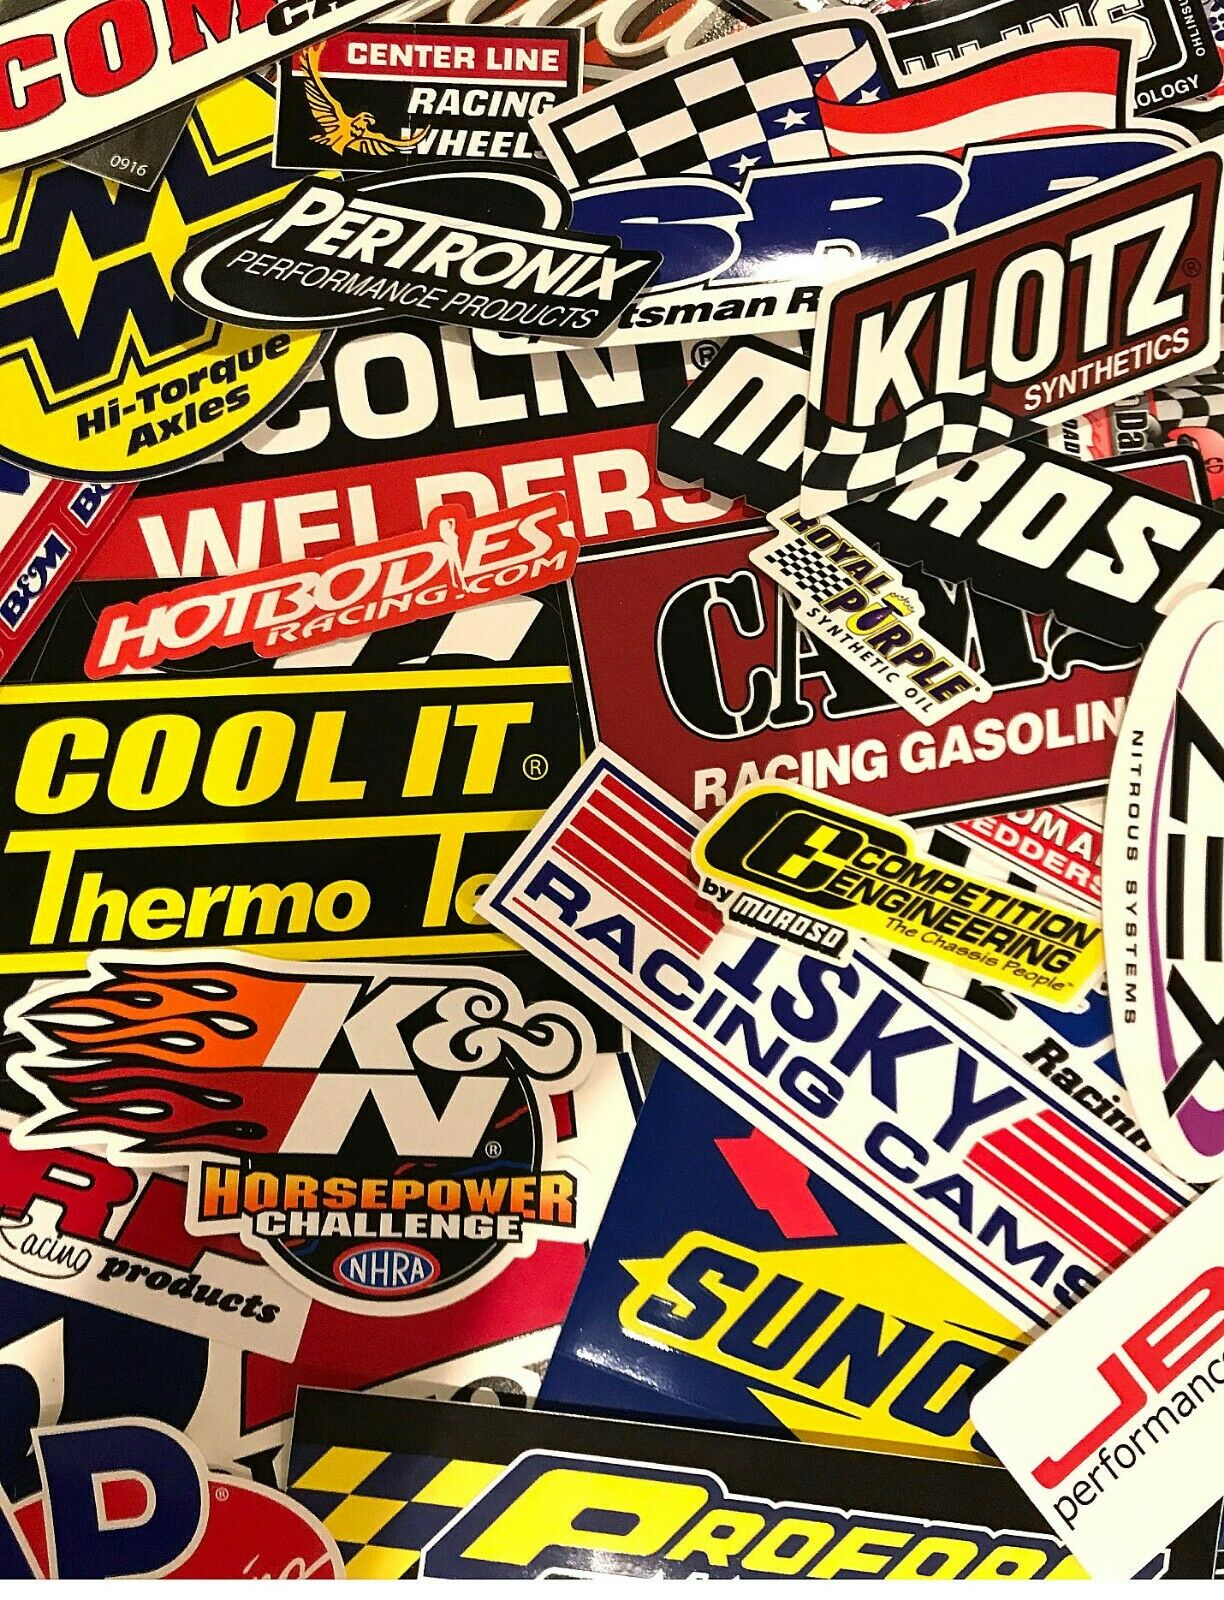 Racing Decals Sticker Lot Set 25 Assorted Body US FREE SHIP NASCAR NHRA RANDOM